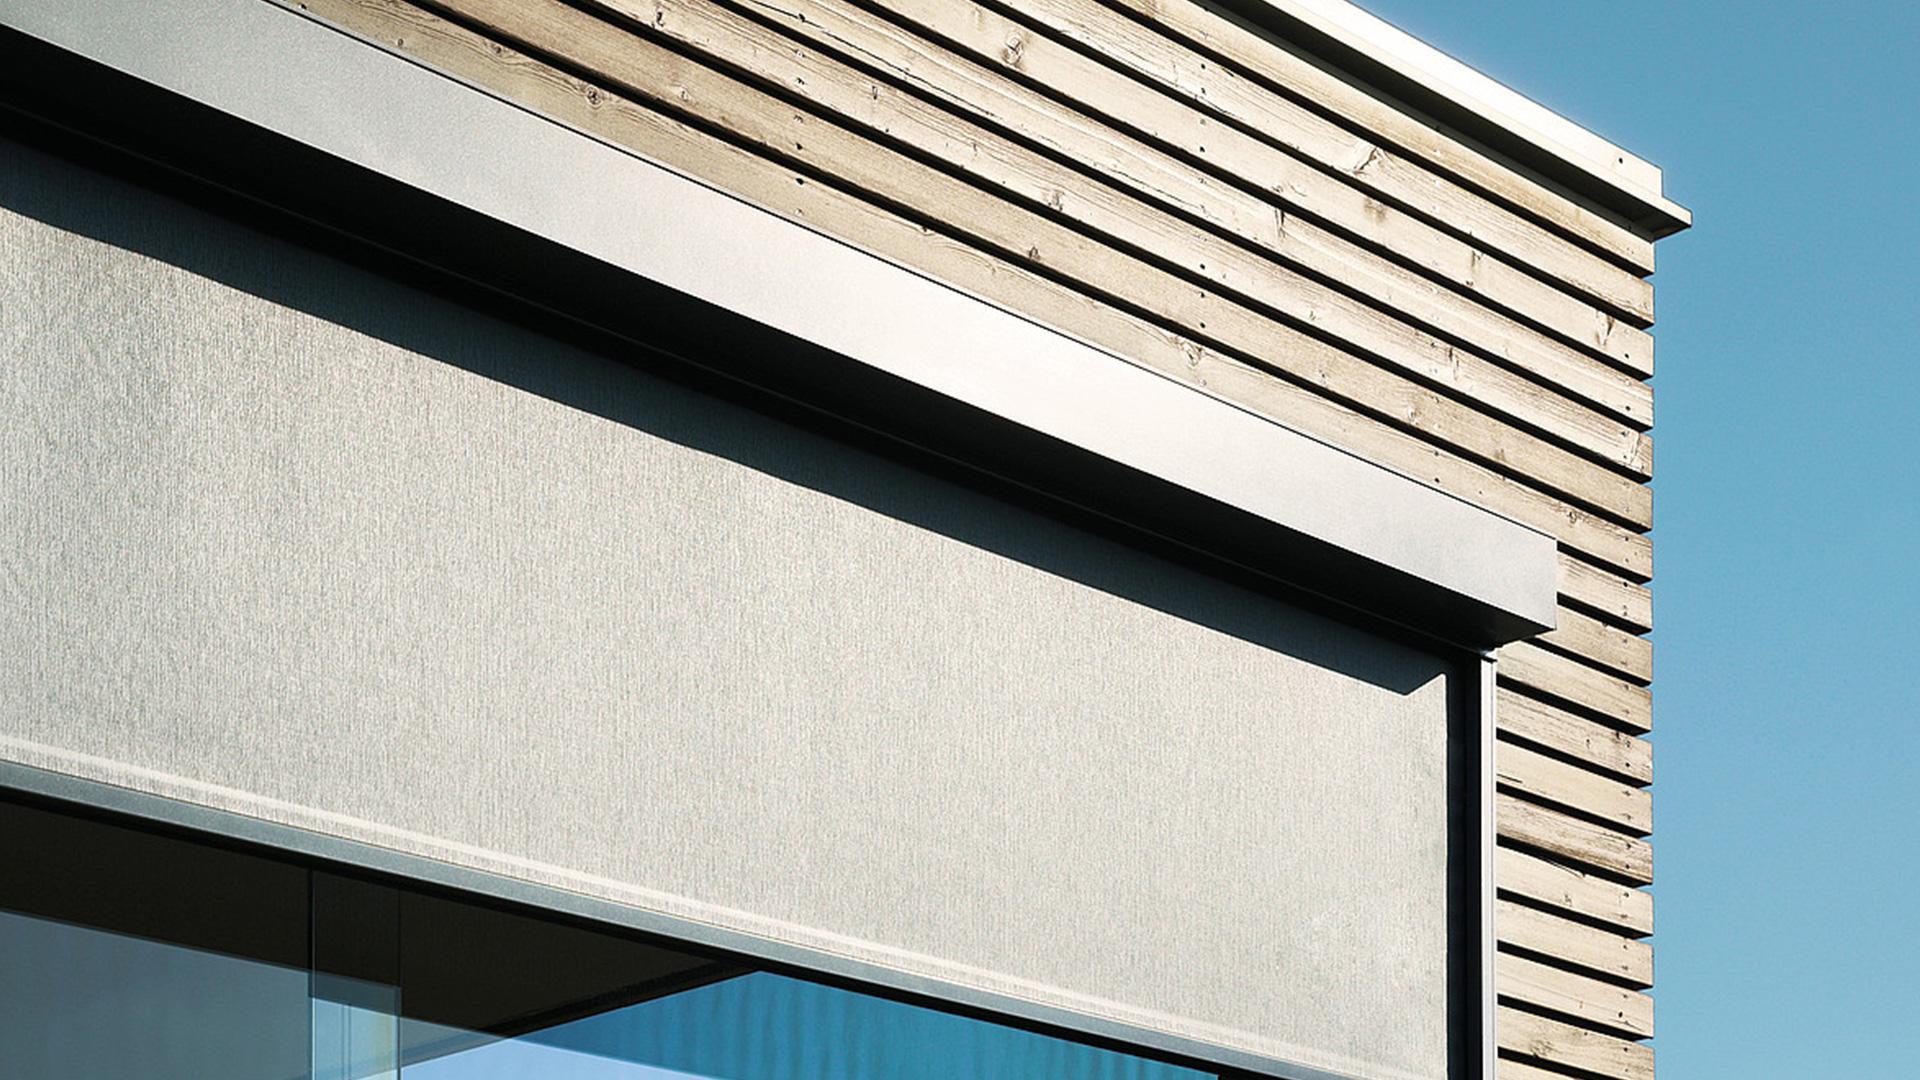 Full Size of Sonnenschutz Für Fenster Von Drbusch Montage Raffstoren Mehr Außen Drutex Test Bodentief Sichern Gegen Einbruch Trier Online Konfigurieren Neue Kosten Fenster Sonnenschutz Für Fenster